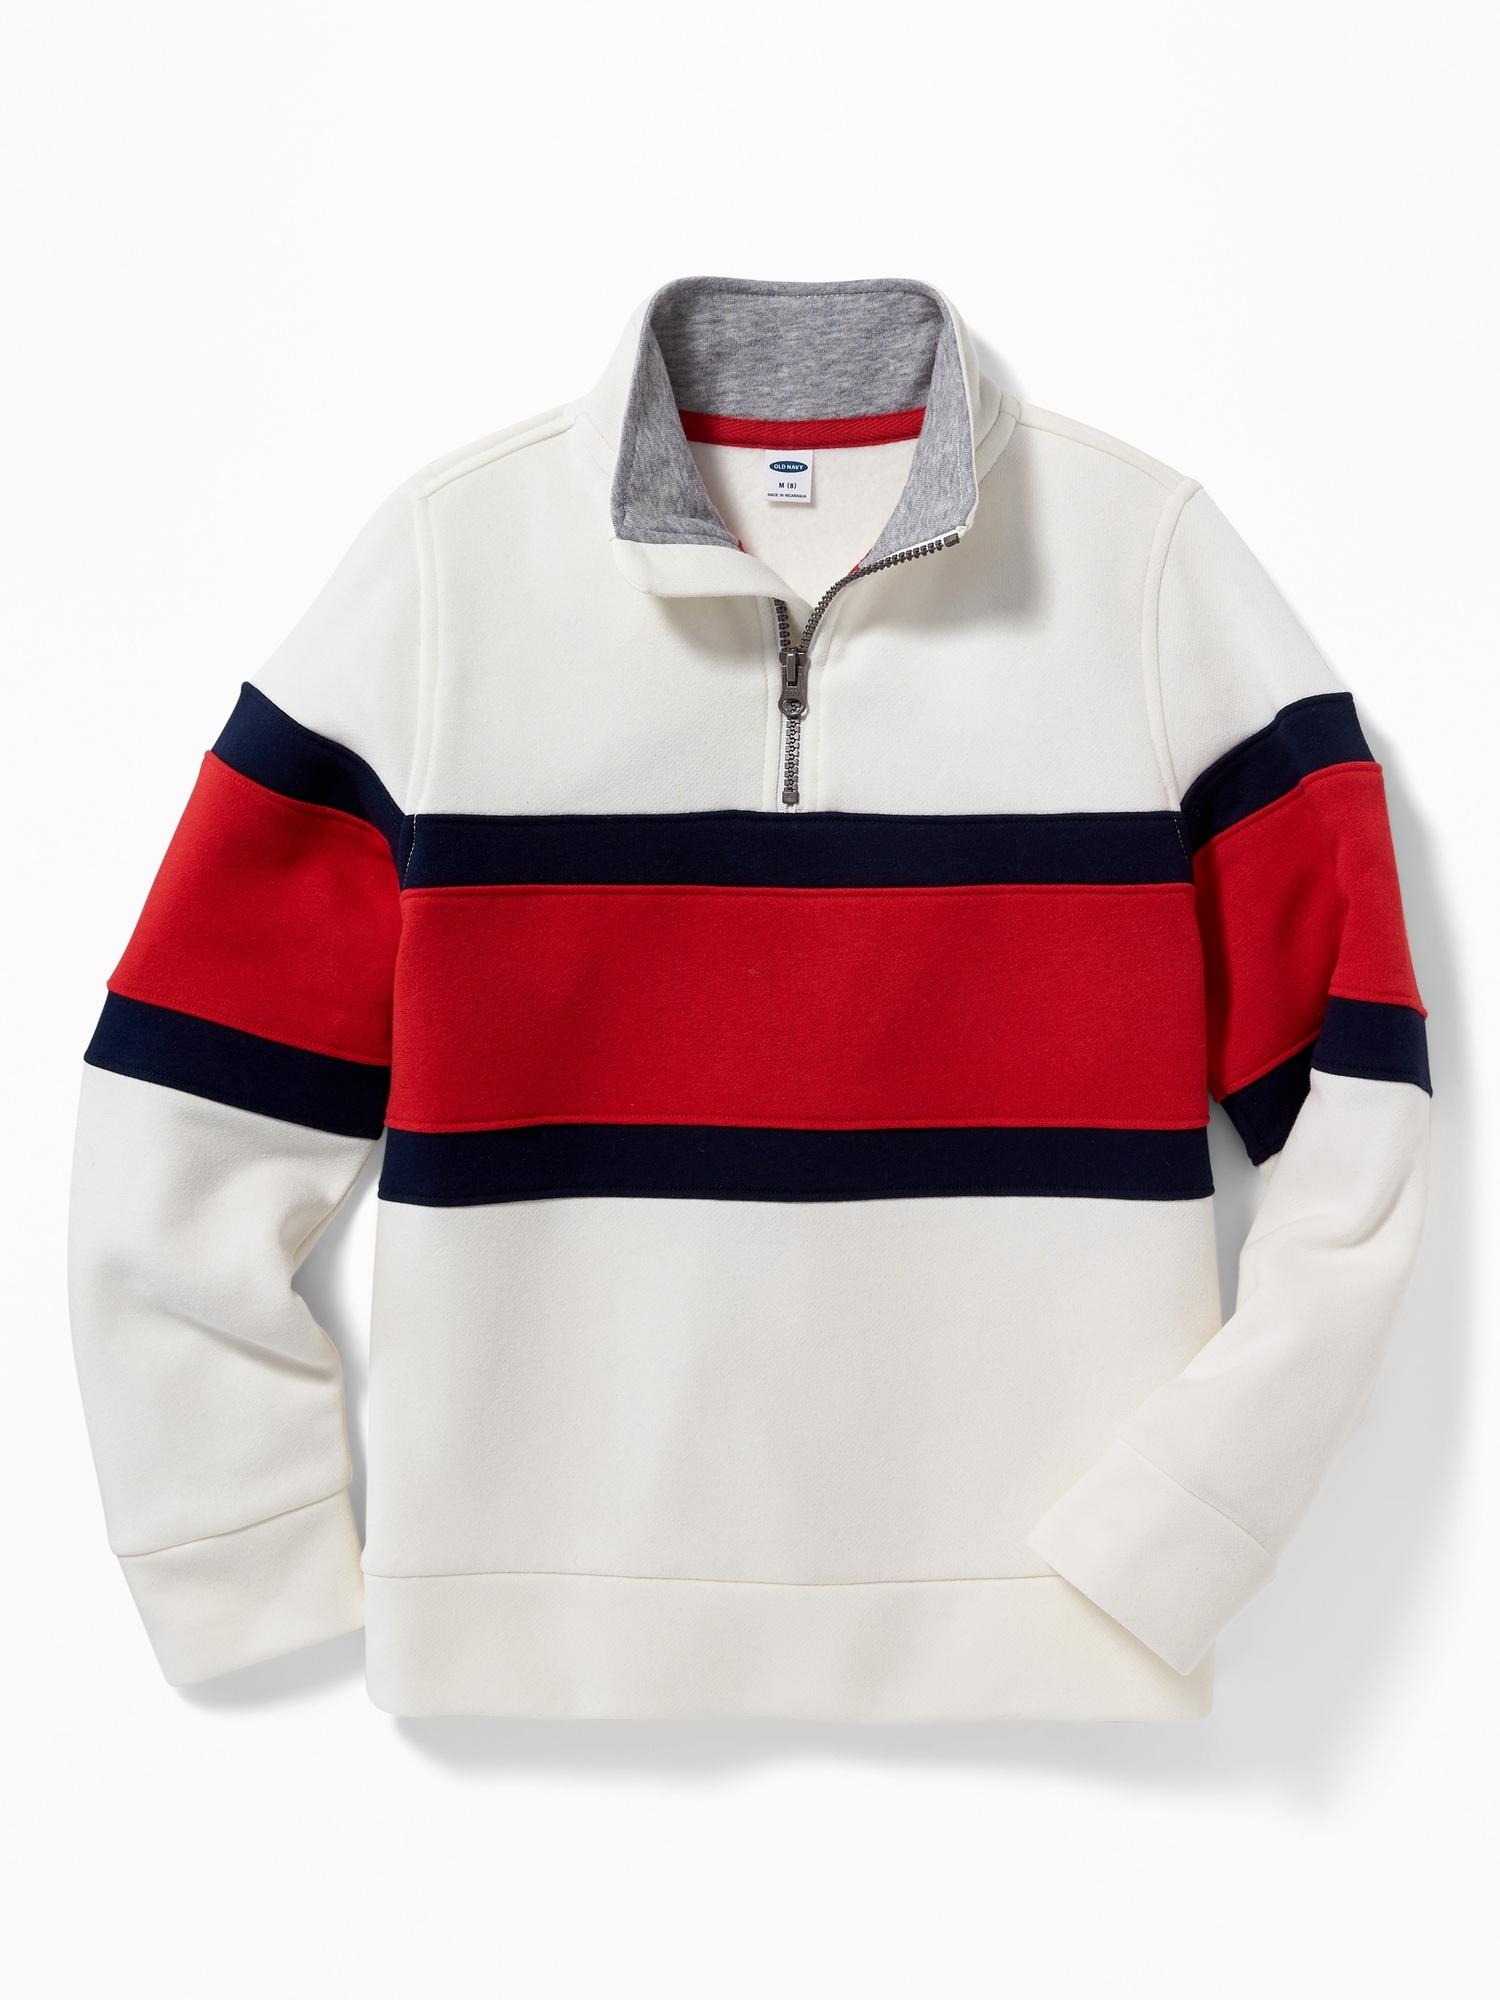 b5d6c5cee Color-Blocked 1 4-Zip Mock-Neck Sweatshirt for Boys